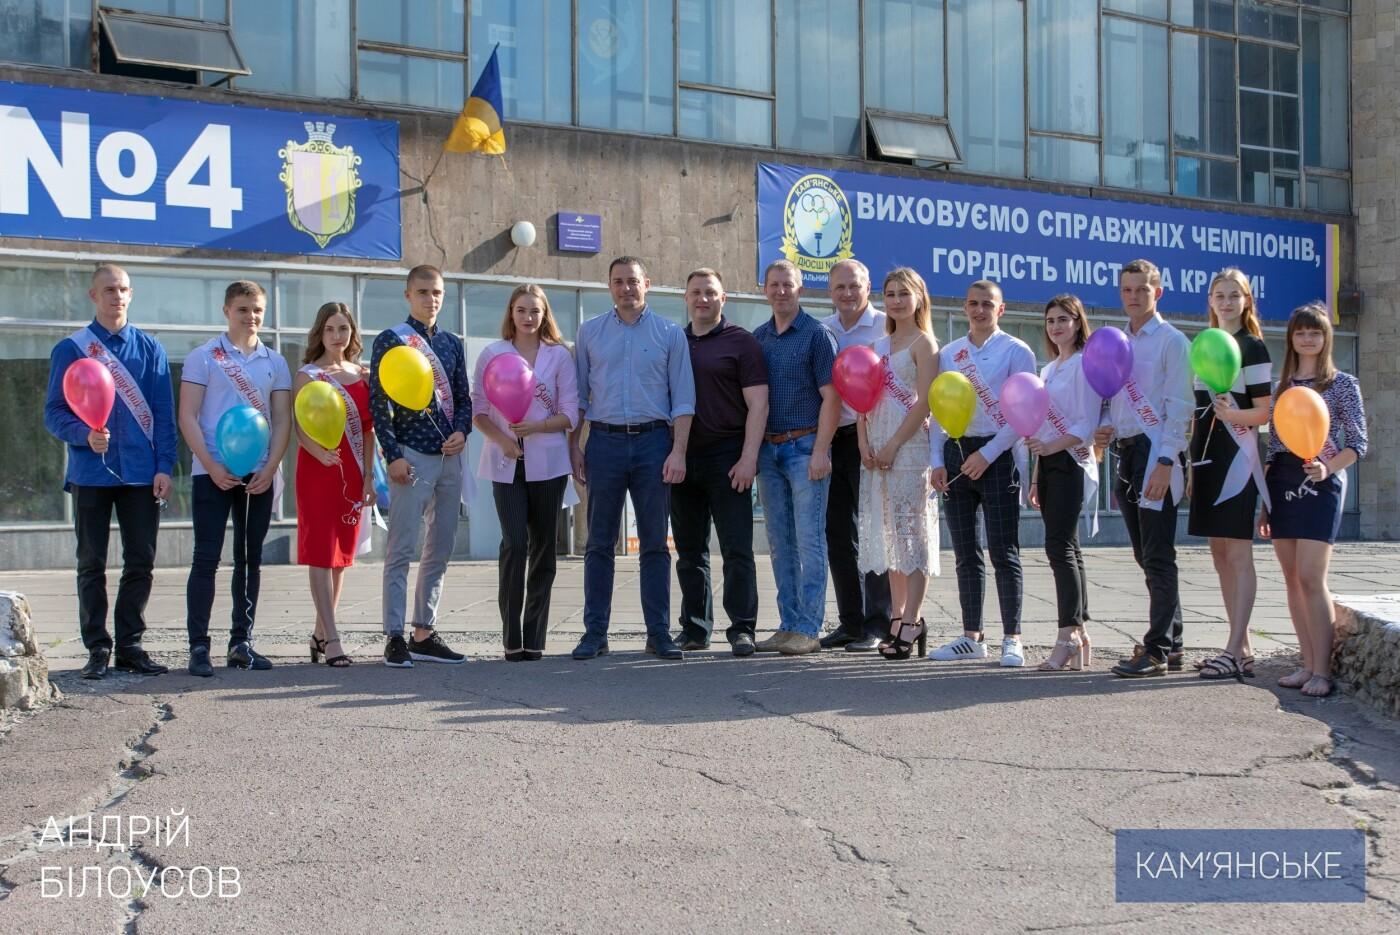 Выпускникам ДЮСШ №4 вручили свидетельства об окончании спортшколы, фото-8